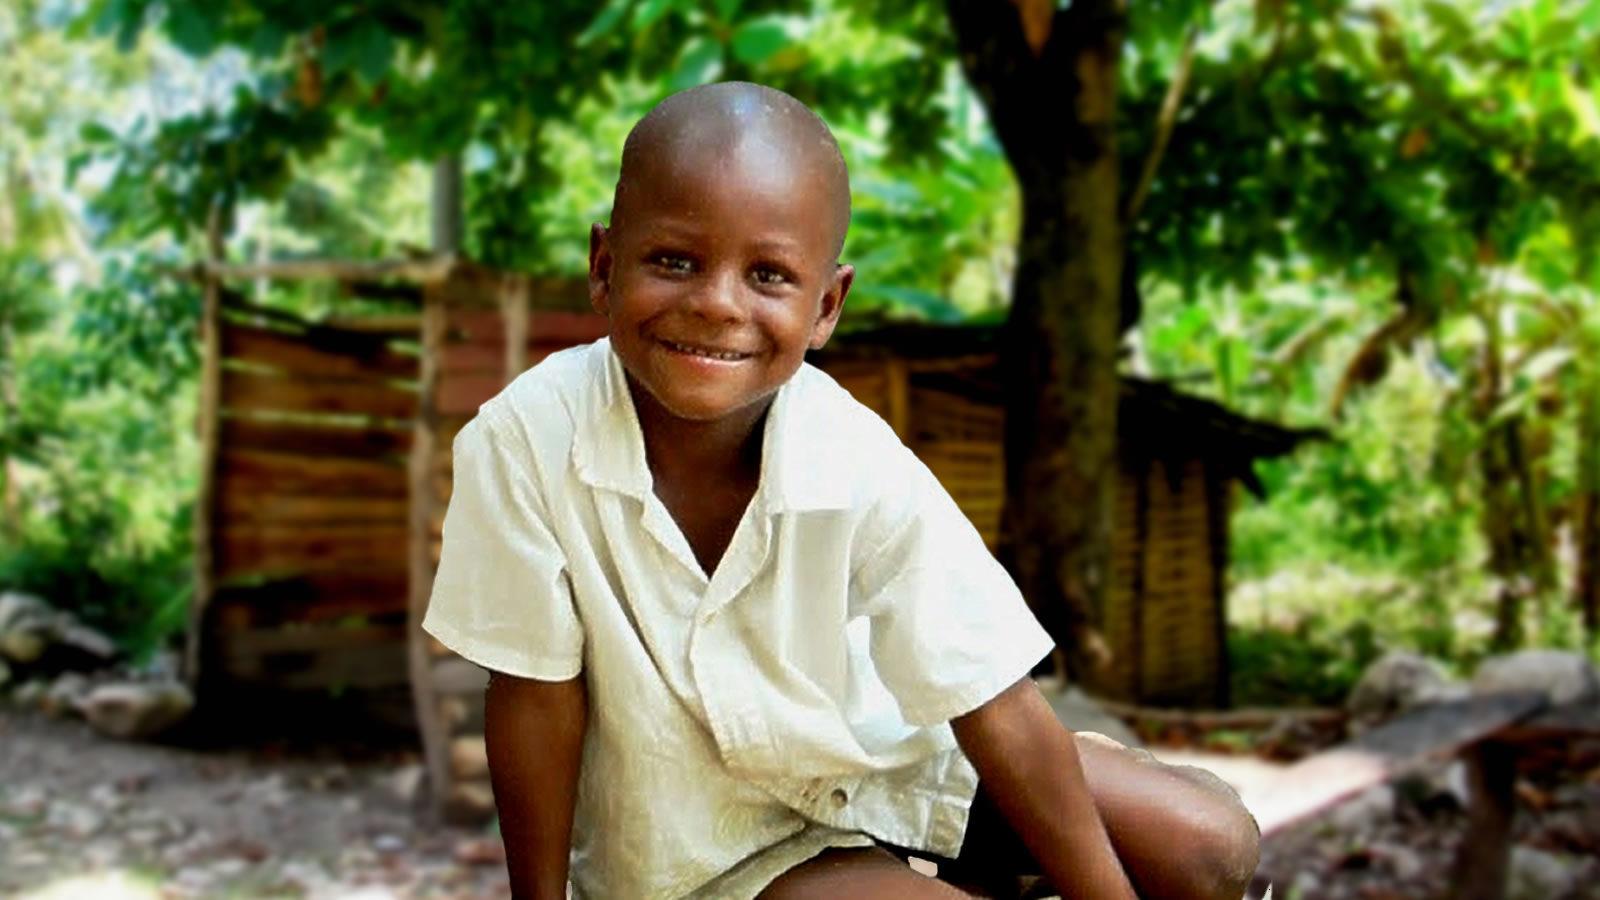 StreetBoy Haiti